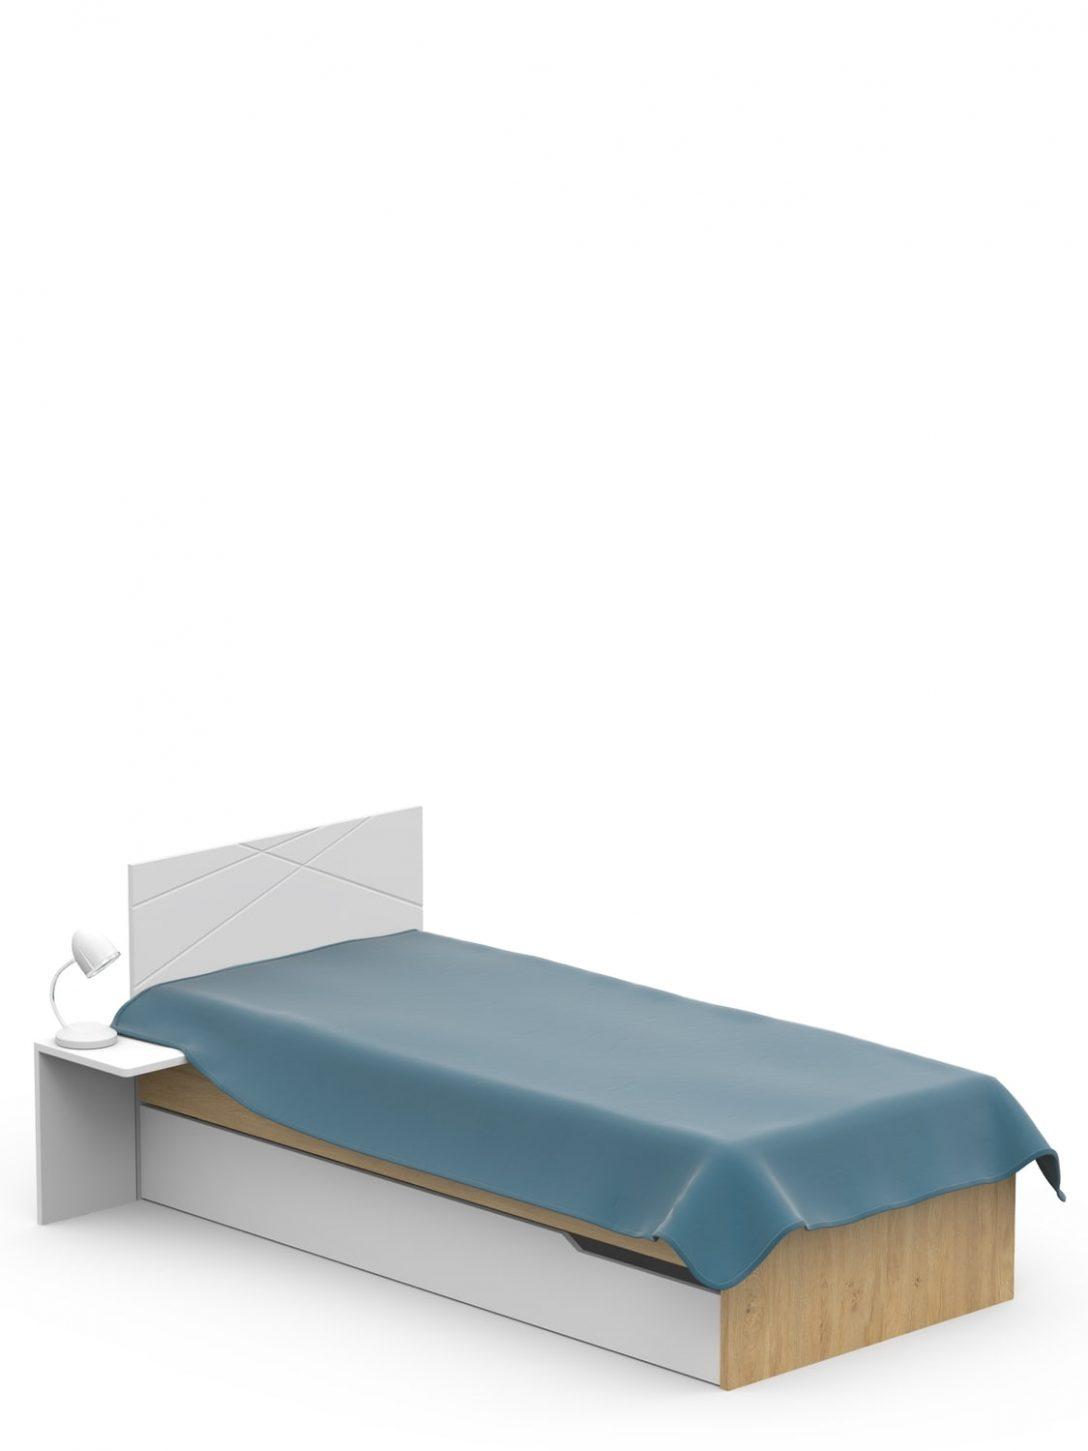 Large Size of Bett 120x190 Oak Meblik Balinesische Betten Kopfteile Für Im Schrank Massiv Topper Schwarz Weiß Nussbaum Schlafzimmer Set Mit Boxspringbett Flexa Bettwäsche Bett Bett 120x190